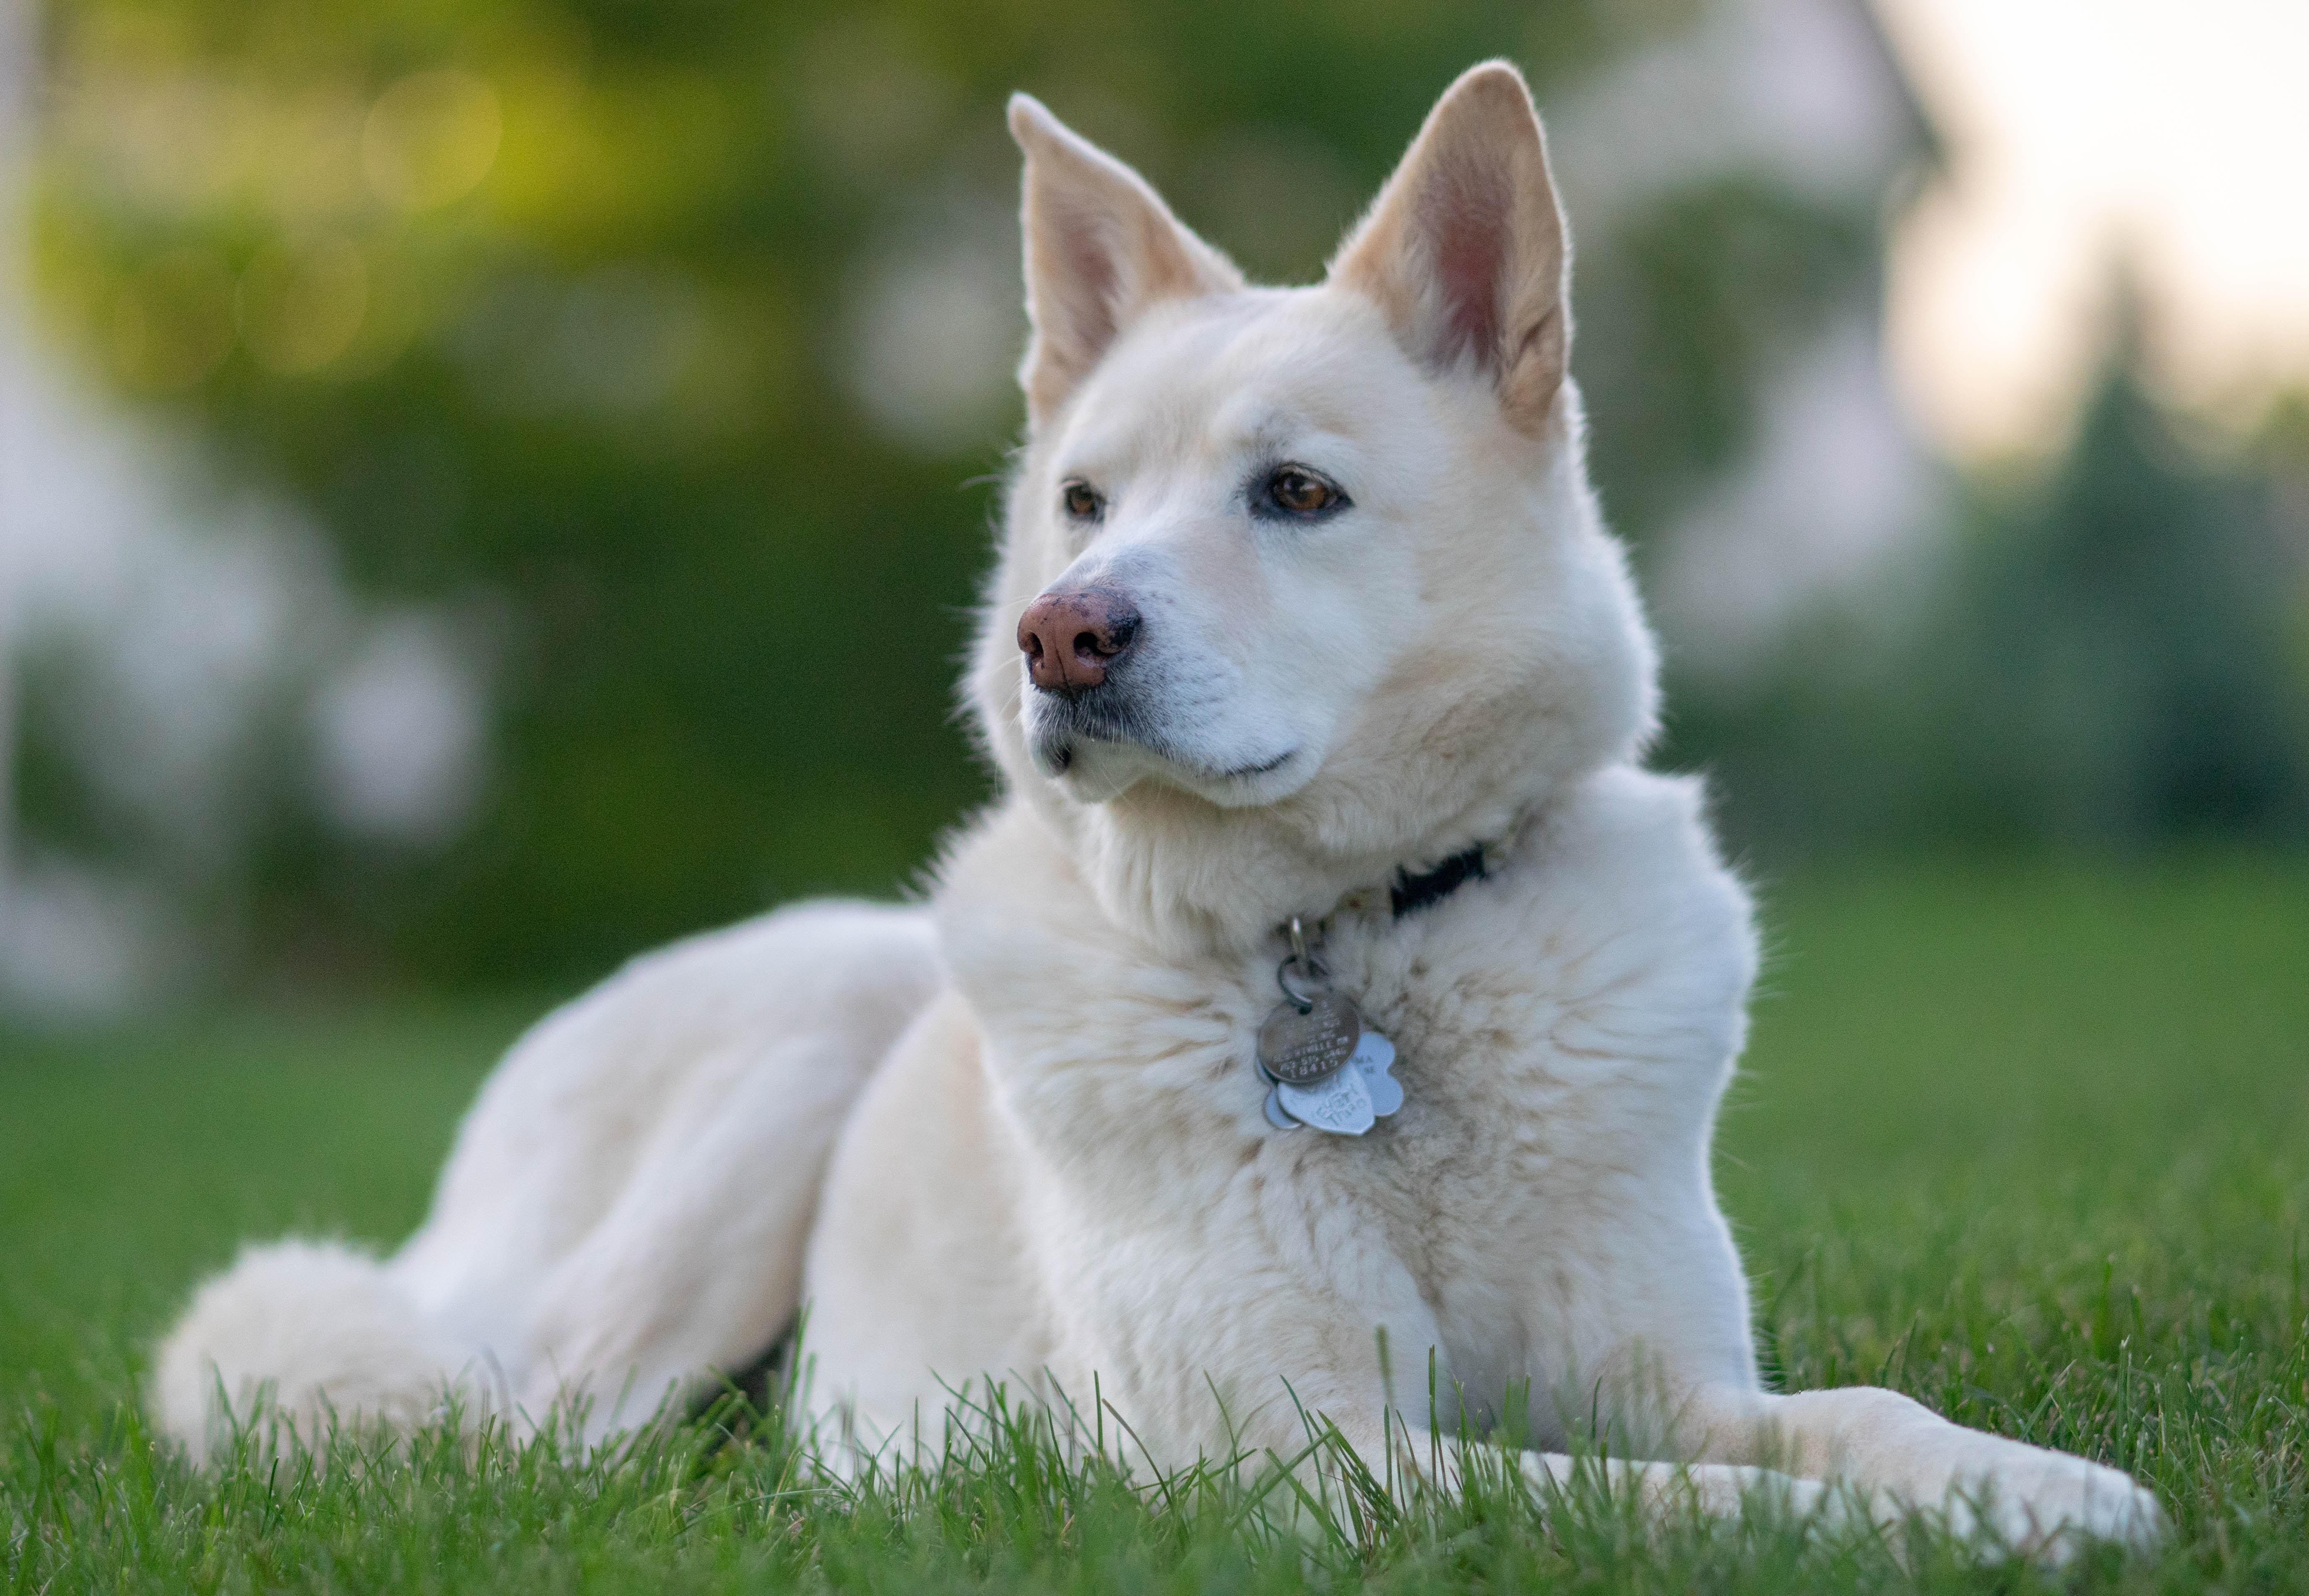 dog sitting on lawn grass